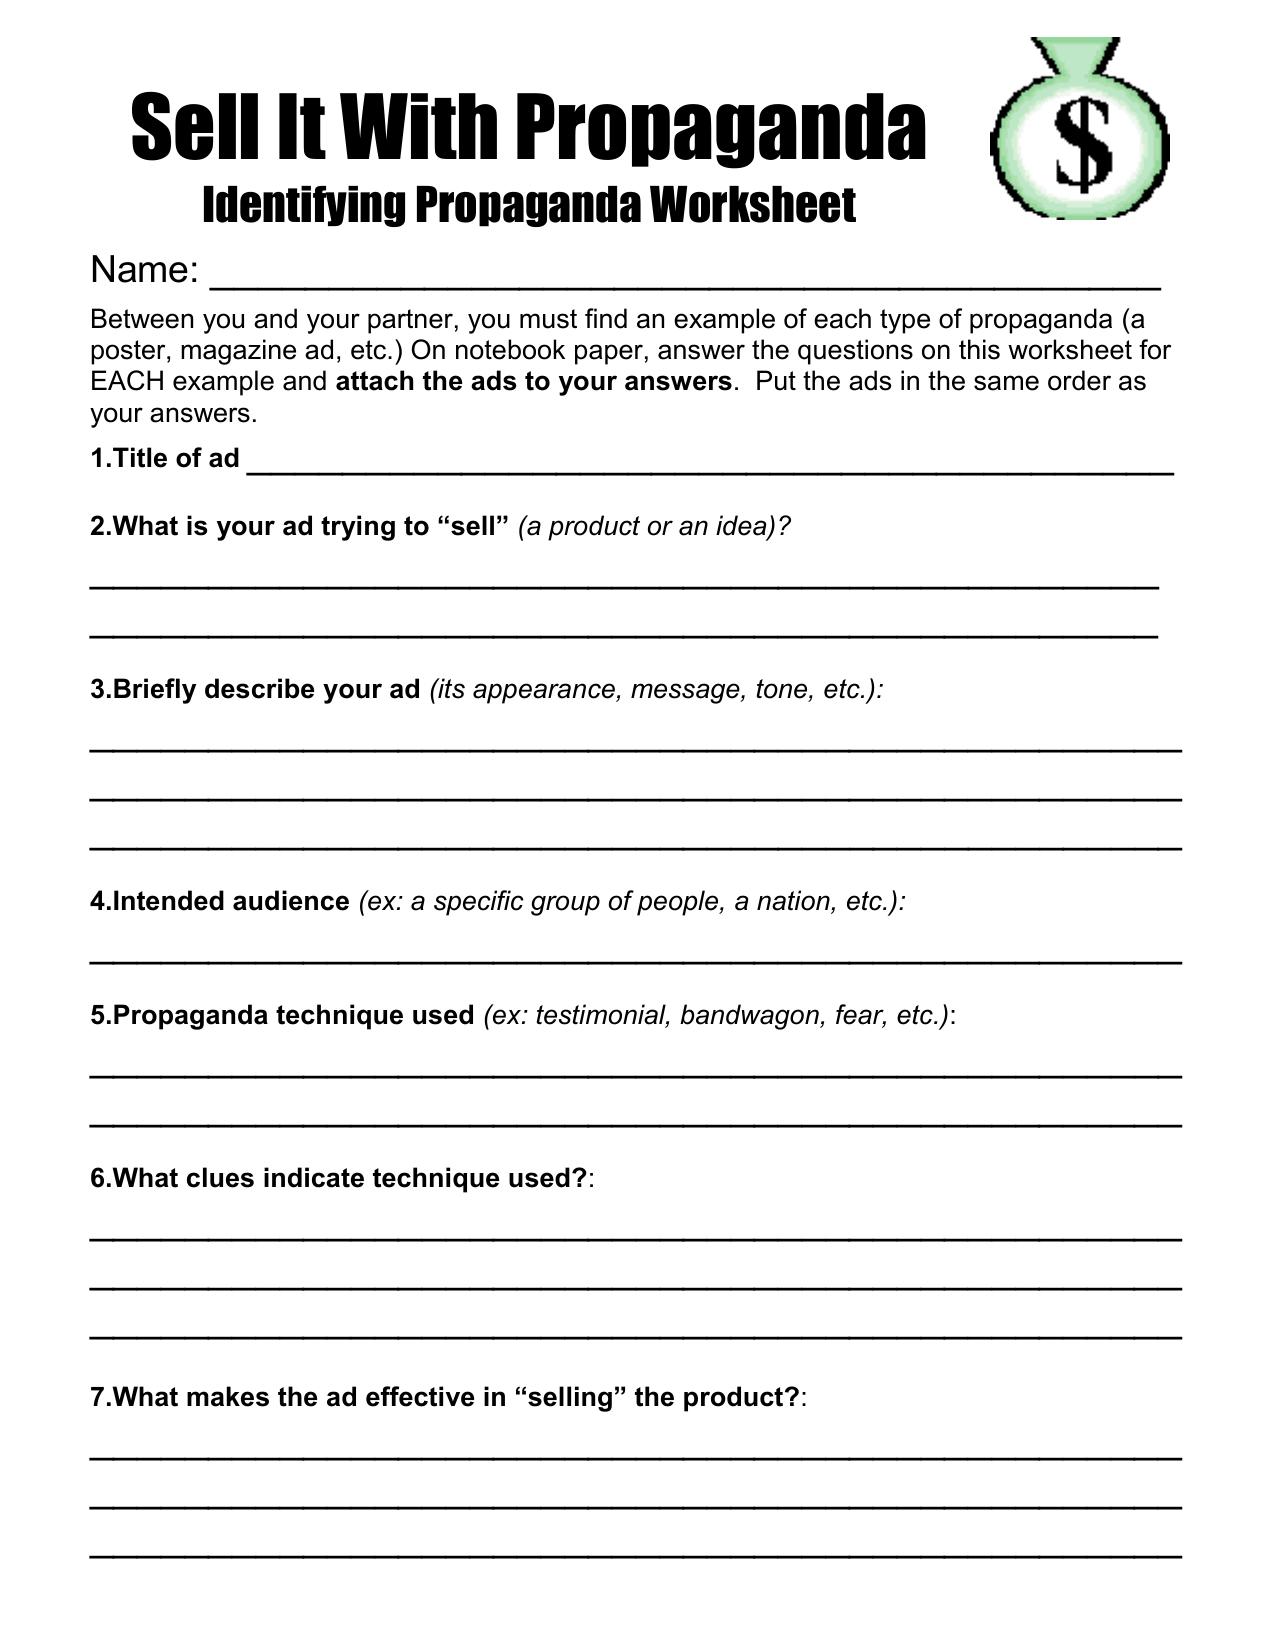 Identifying Propaganda Worksheet